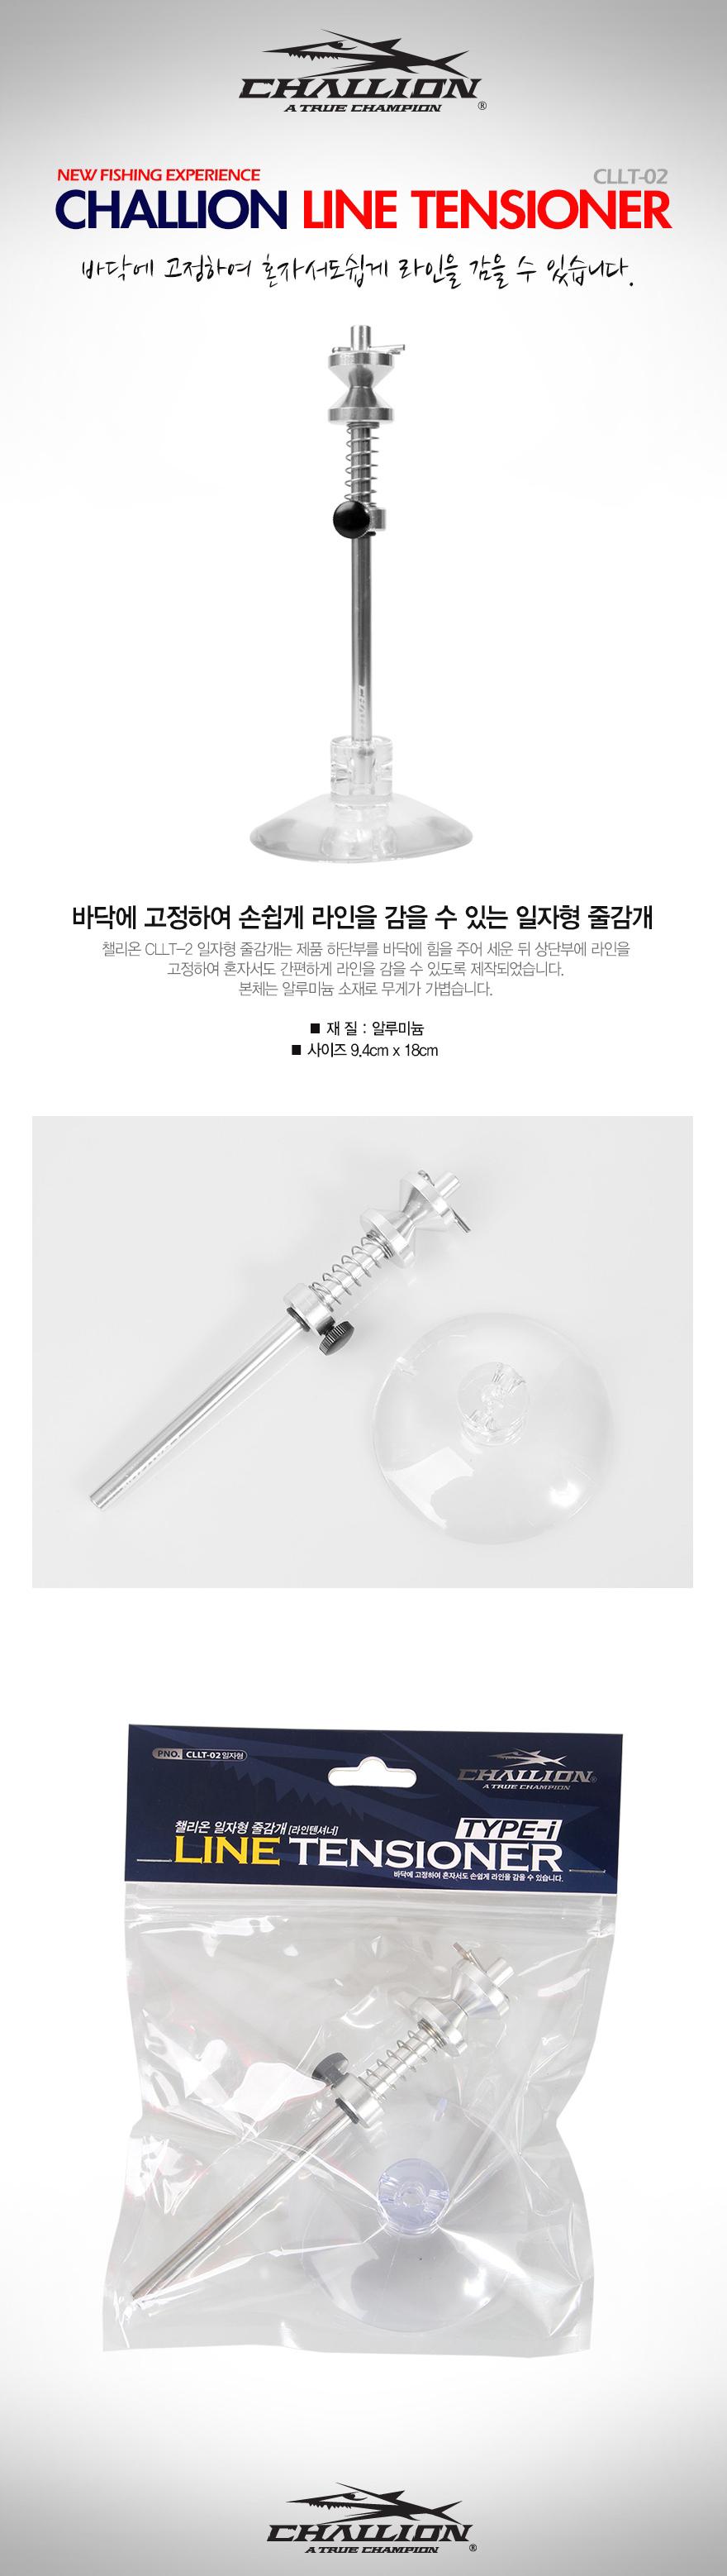 챌리온 라인텐셔너 TYPE-I 일자형 (CLLT-02) 라인줄감기 릴줄감기 릴줄감개 라인줄감는기계 줄감는기계